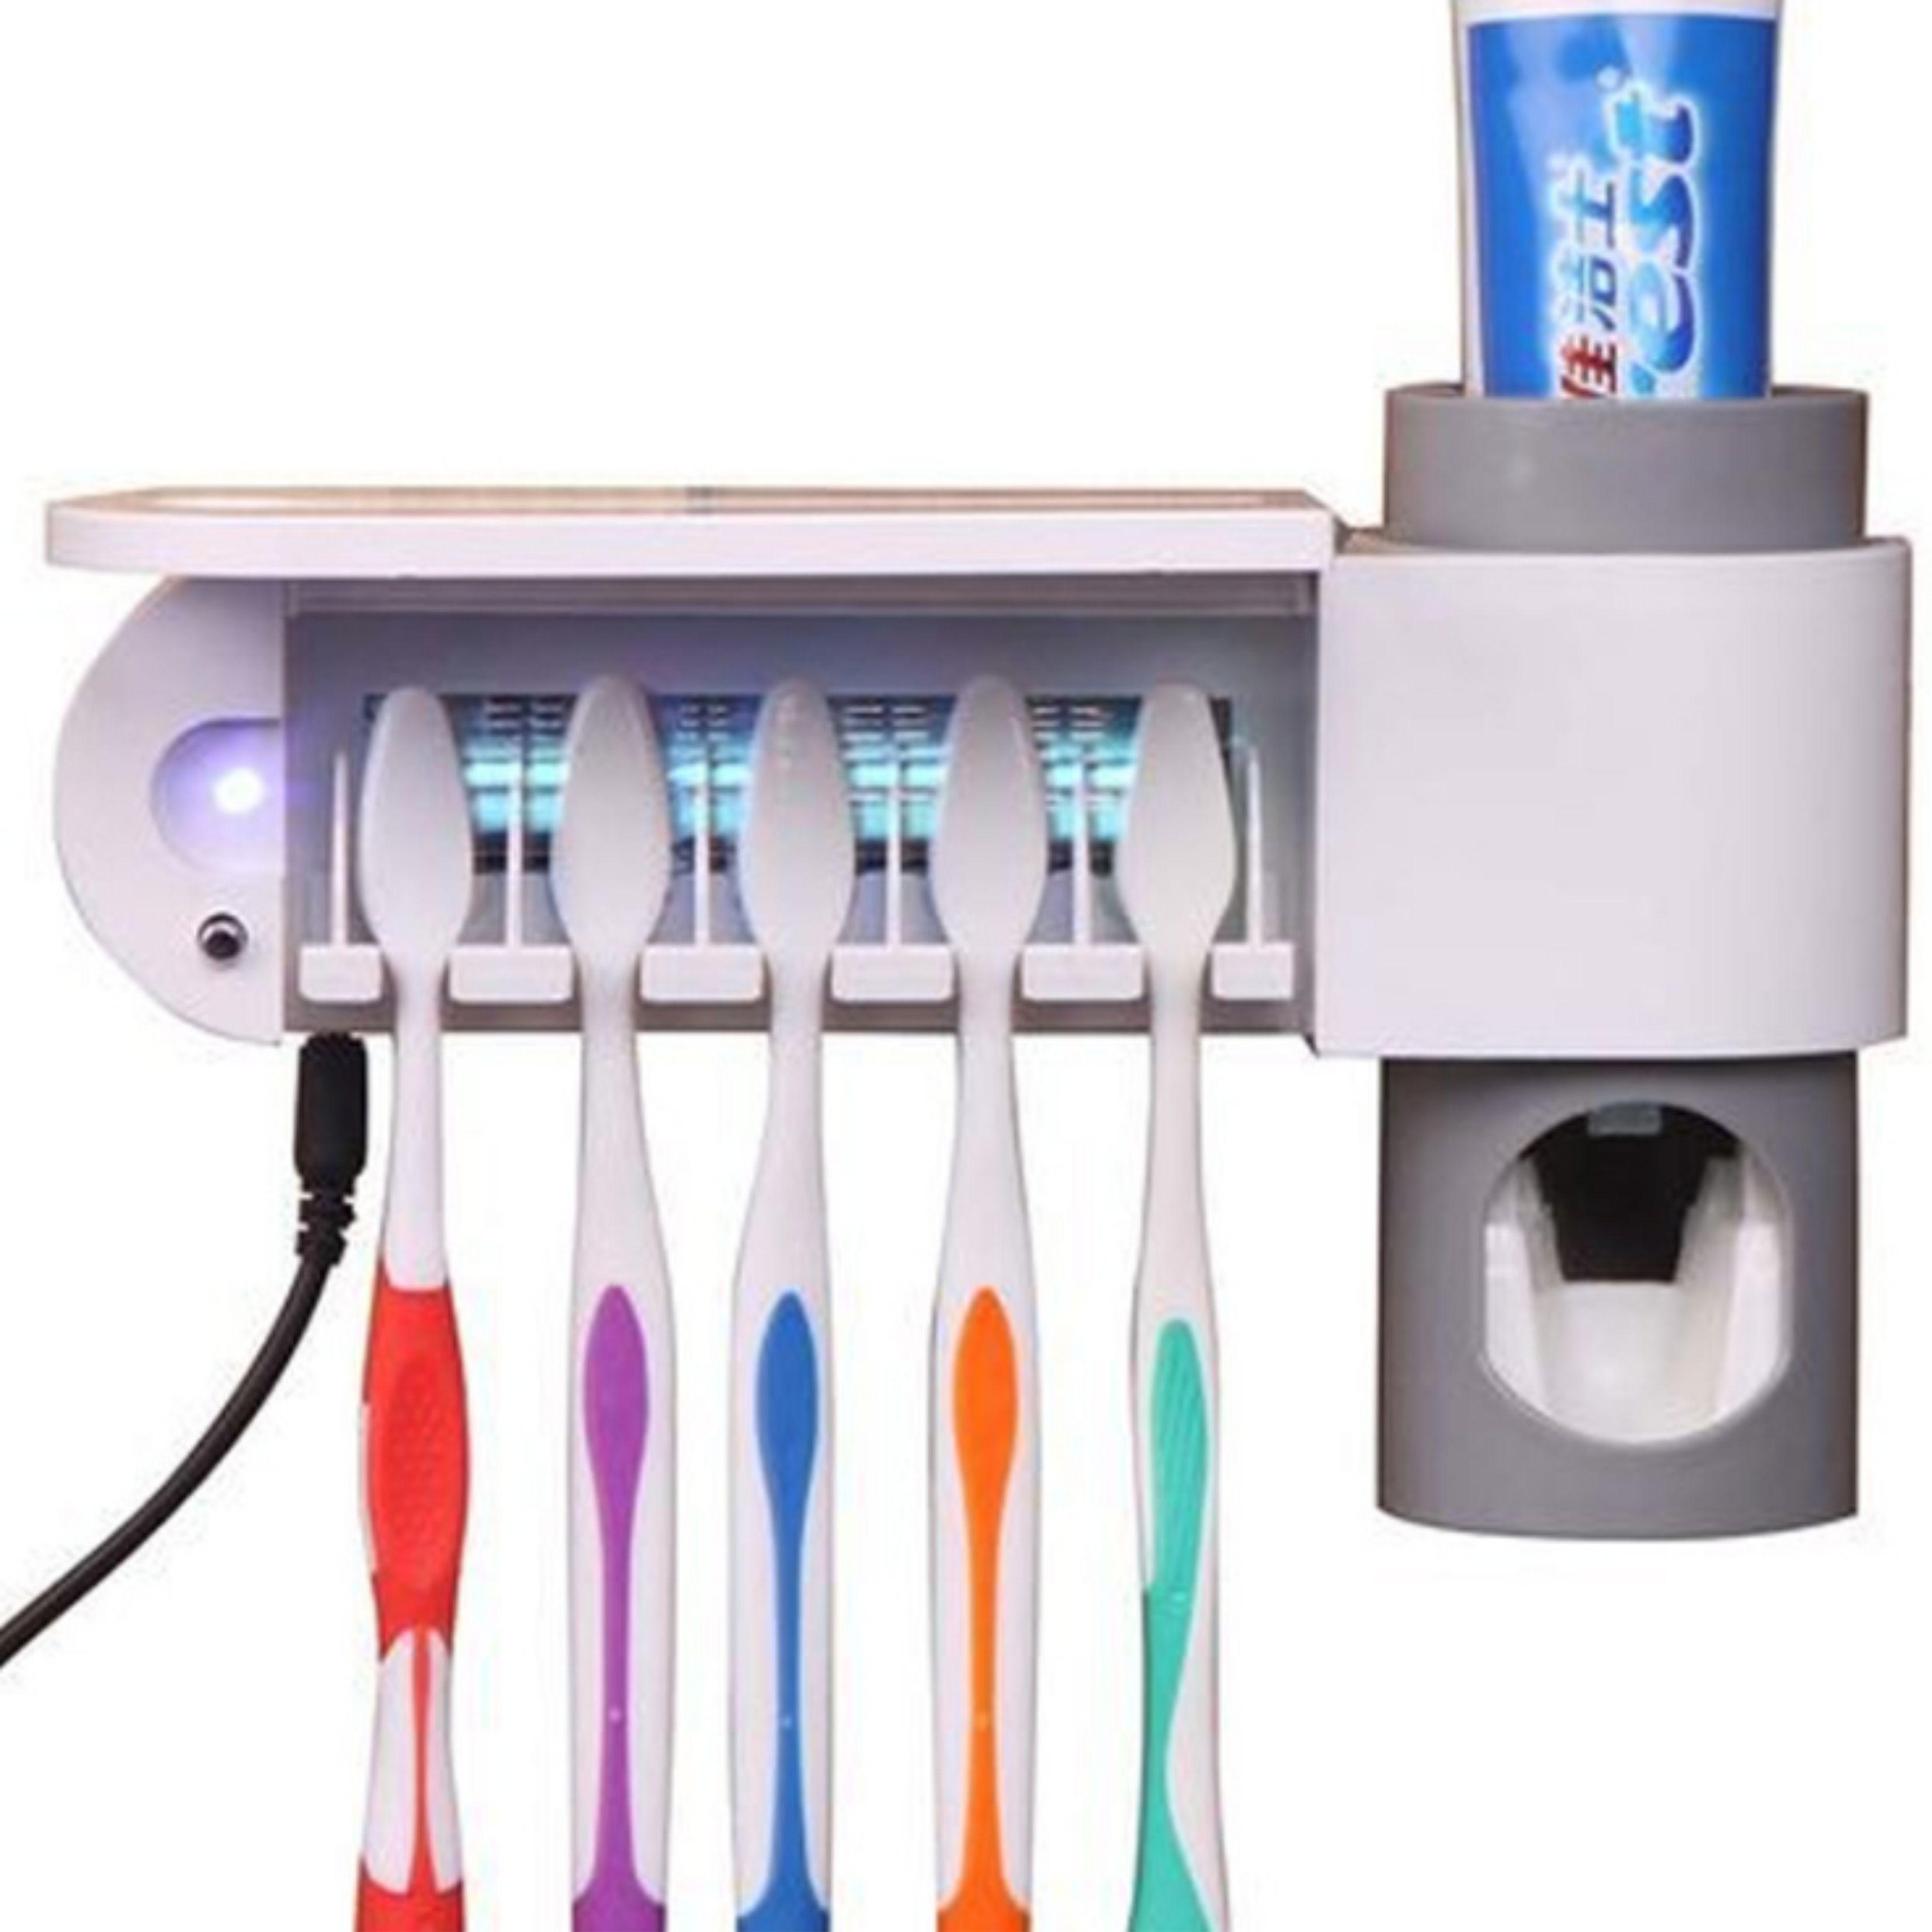 卫舒洁牙刷架挤牙膏器 紫外线牙刷消毒杀菌器 创意懒人牙膏挤压器